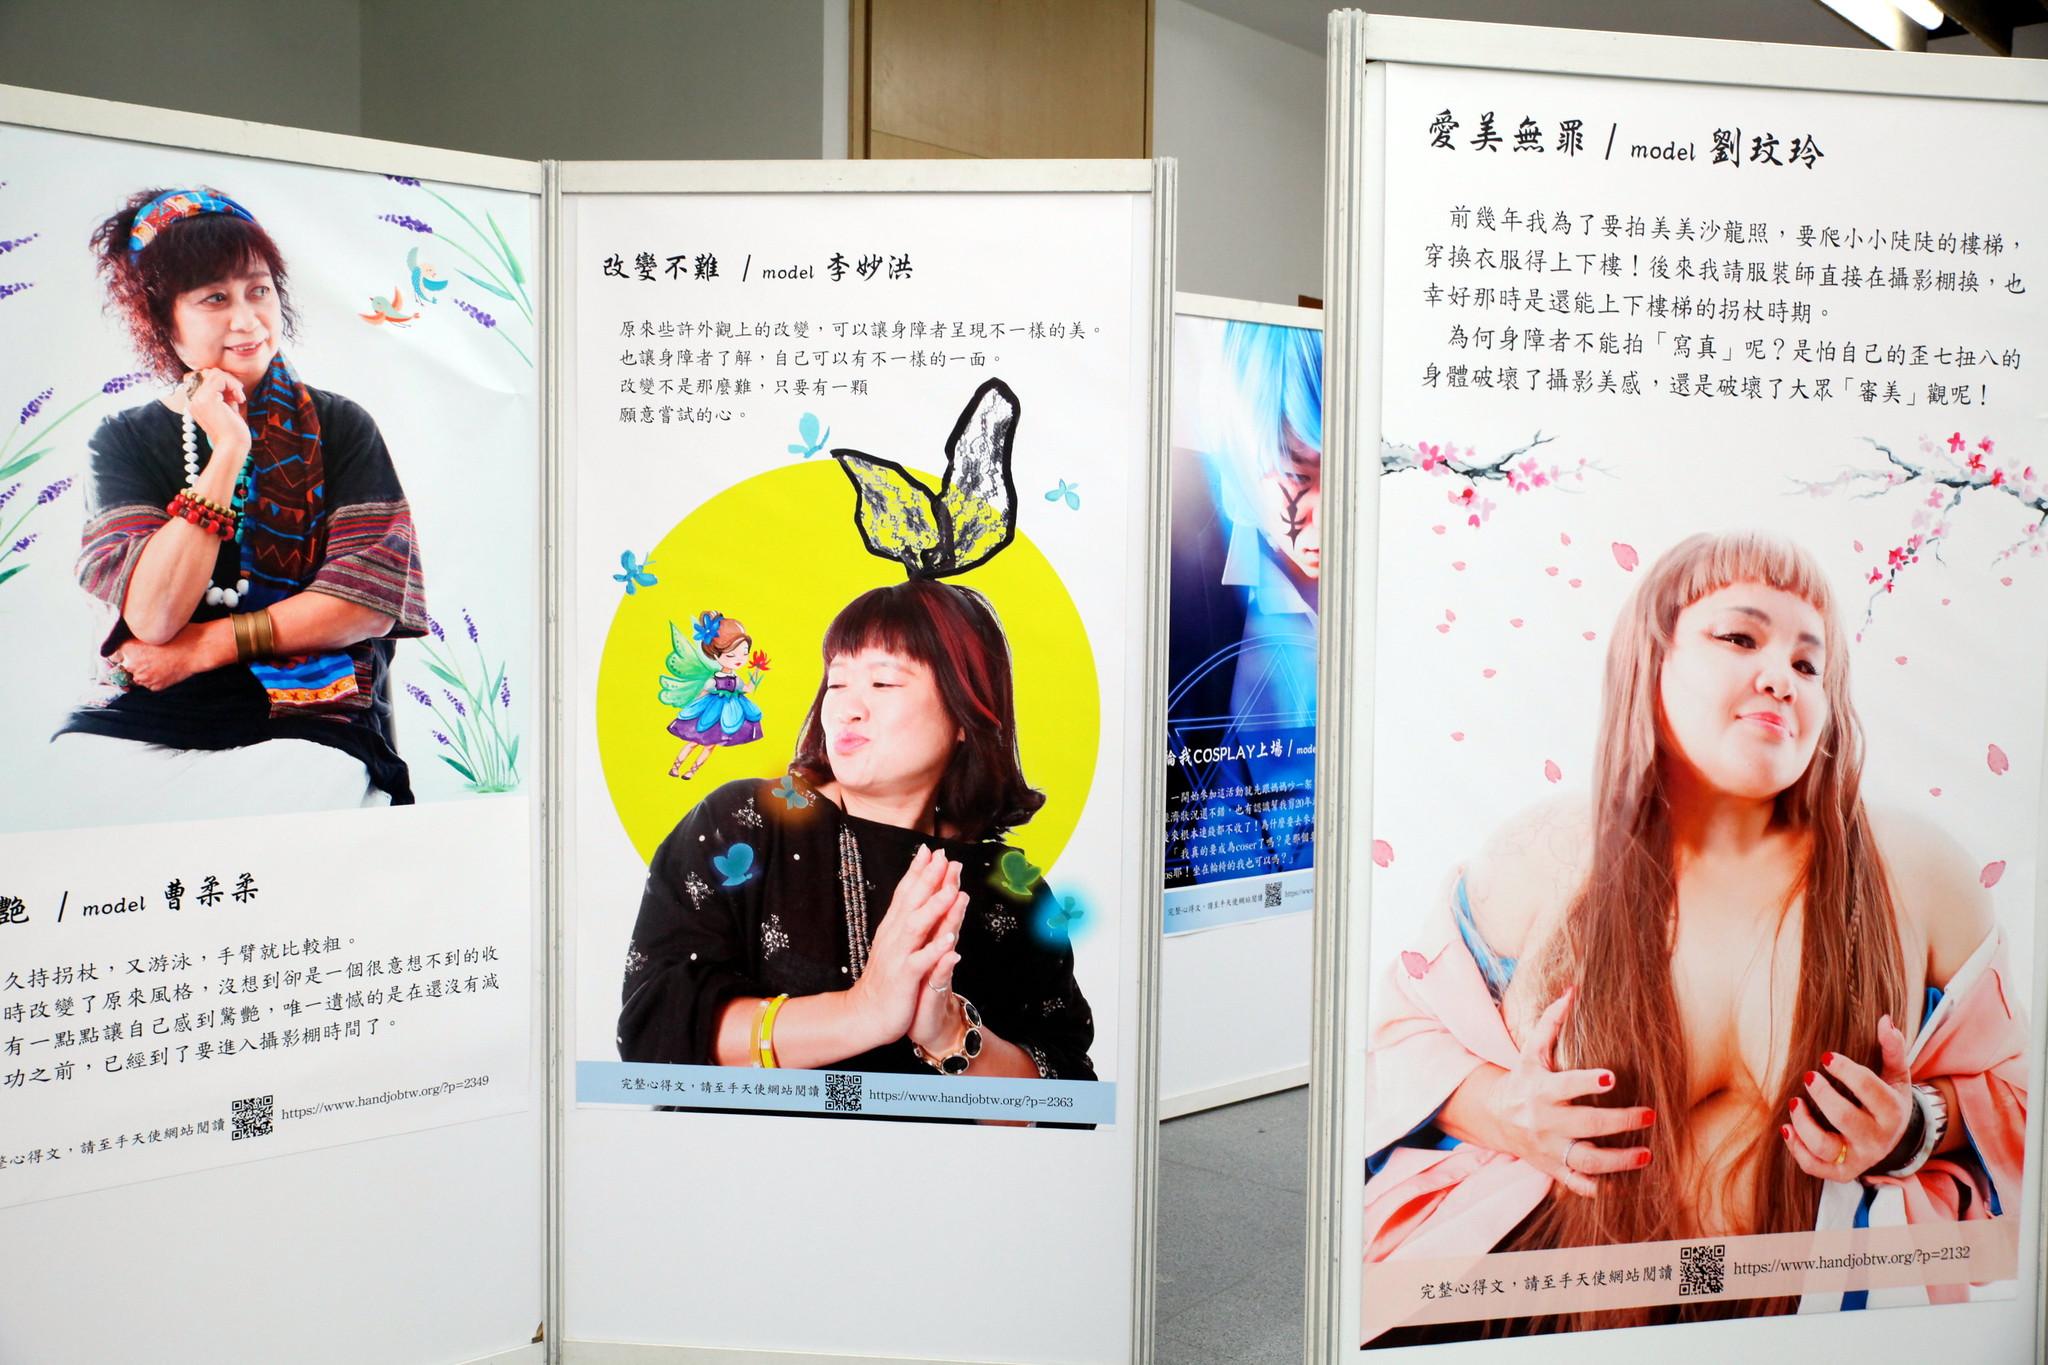 其他身障者模特兒的攝影作品。點圖看展覽資訊。(攝影:陳逸婷)